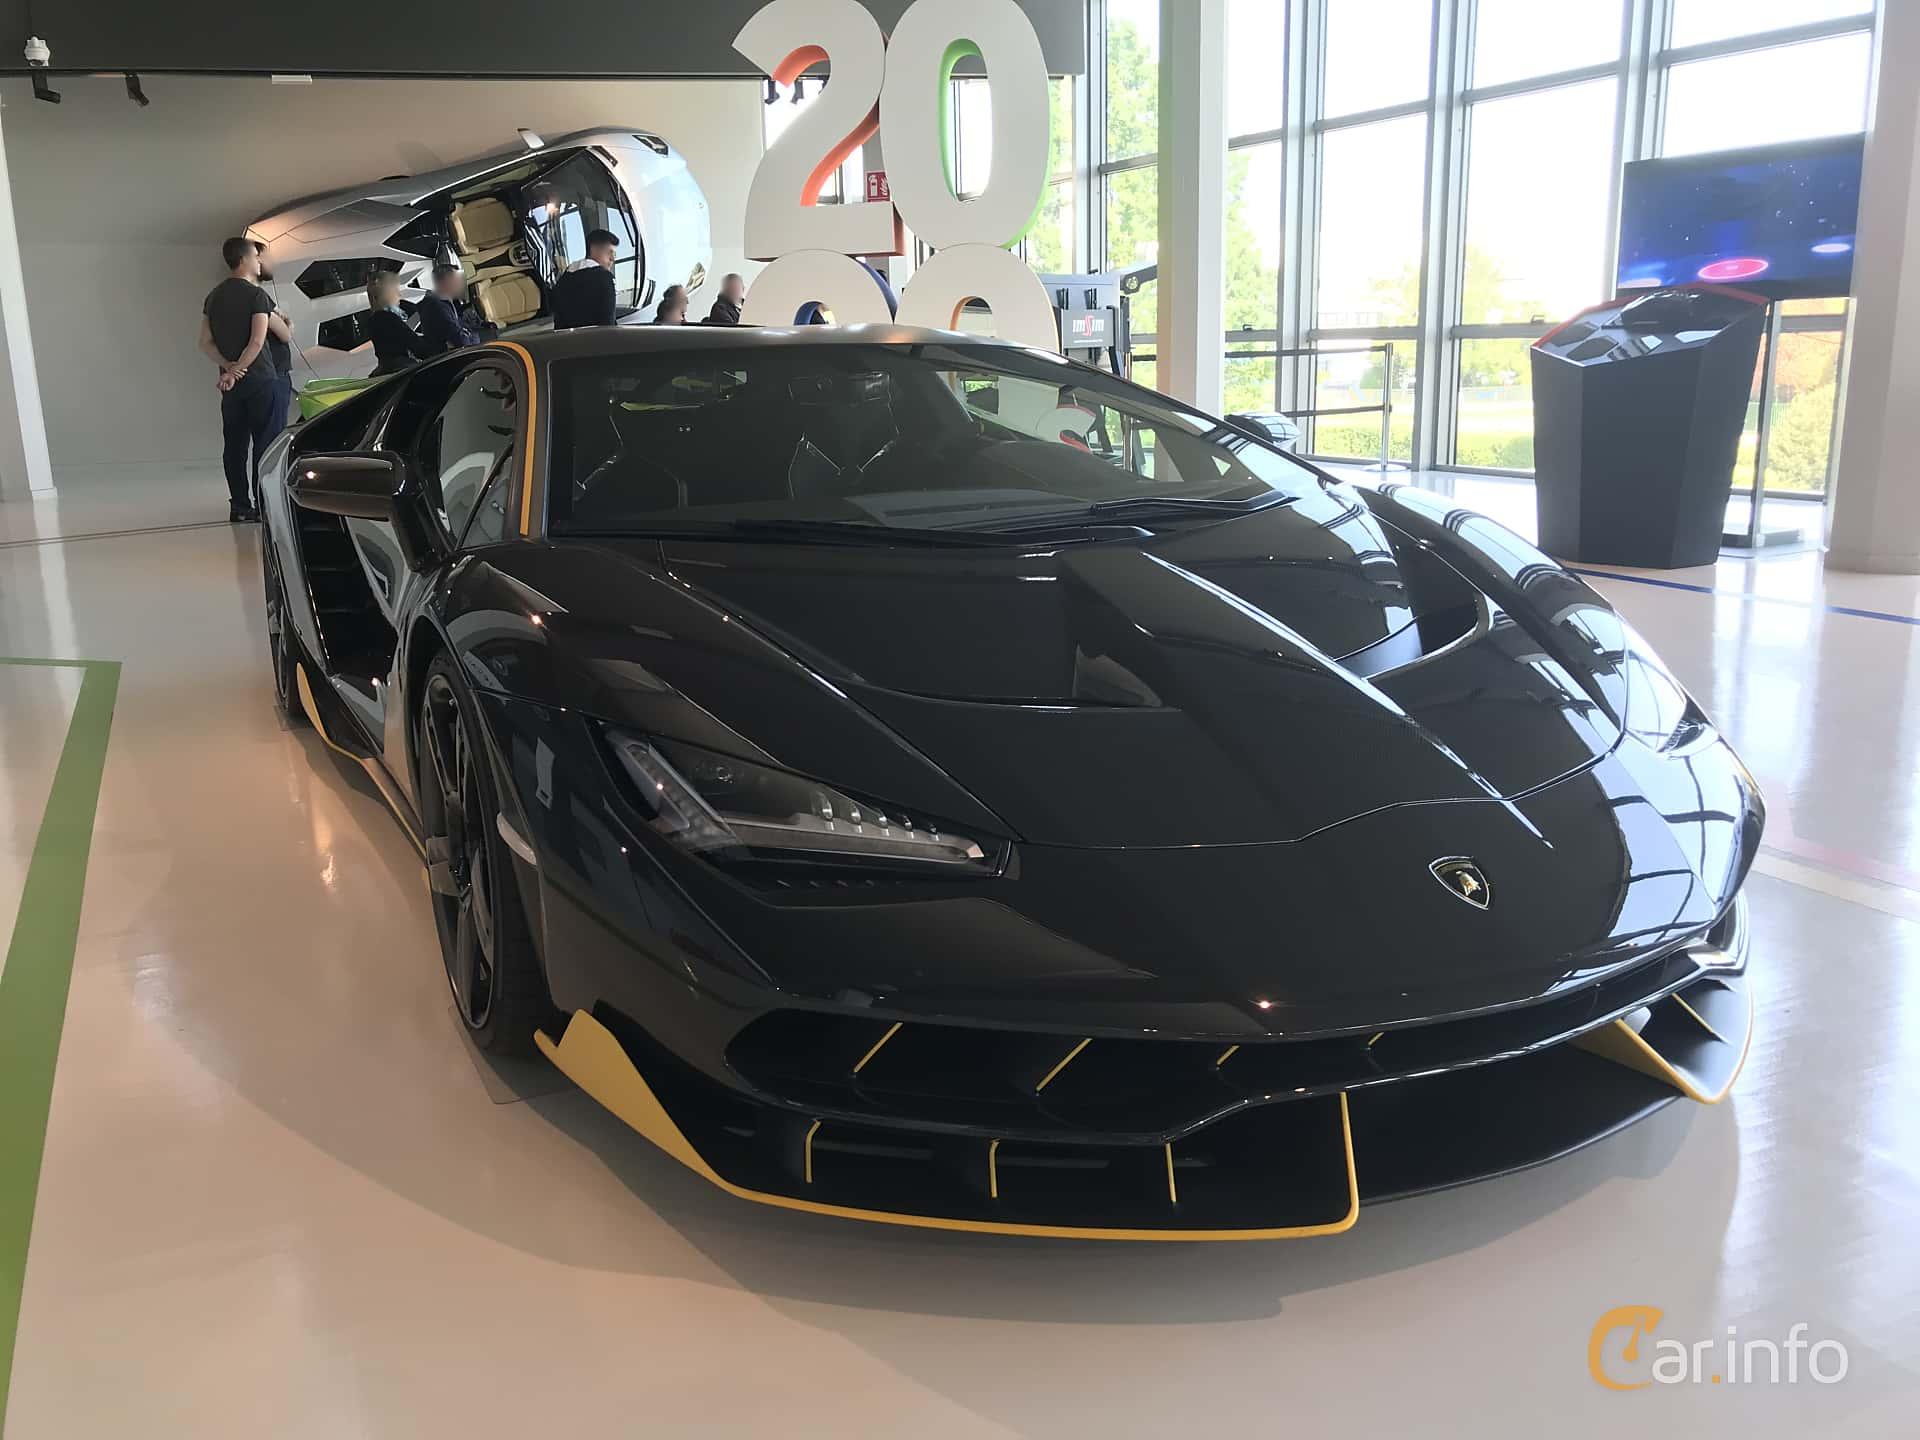 14 Images Of Lamborghini Centenario Lp770 4 6 5 V12 Semi Automatic